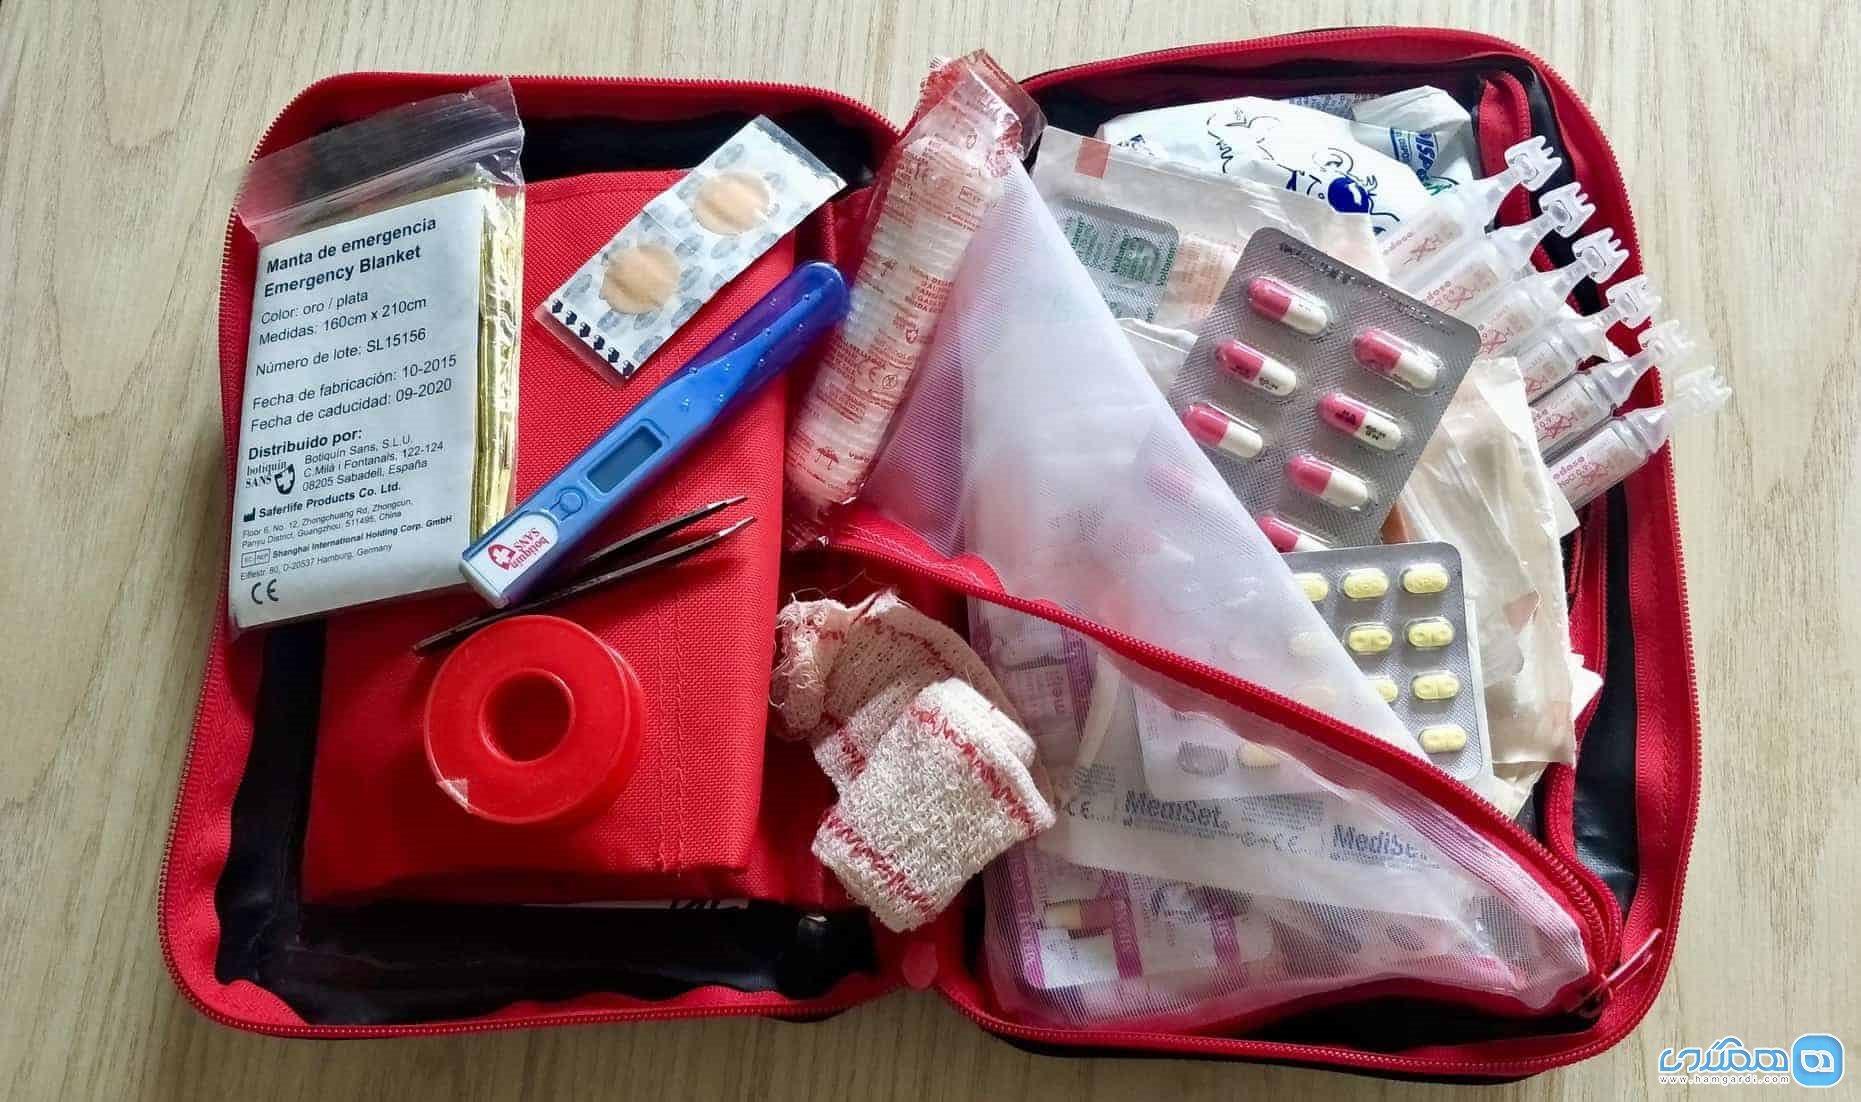 وسایل پزشکی و موارد مربوط به سلامتی